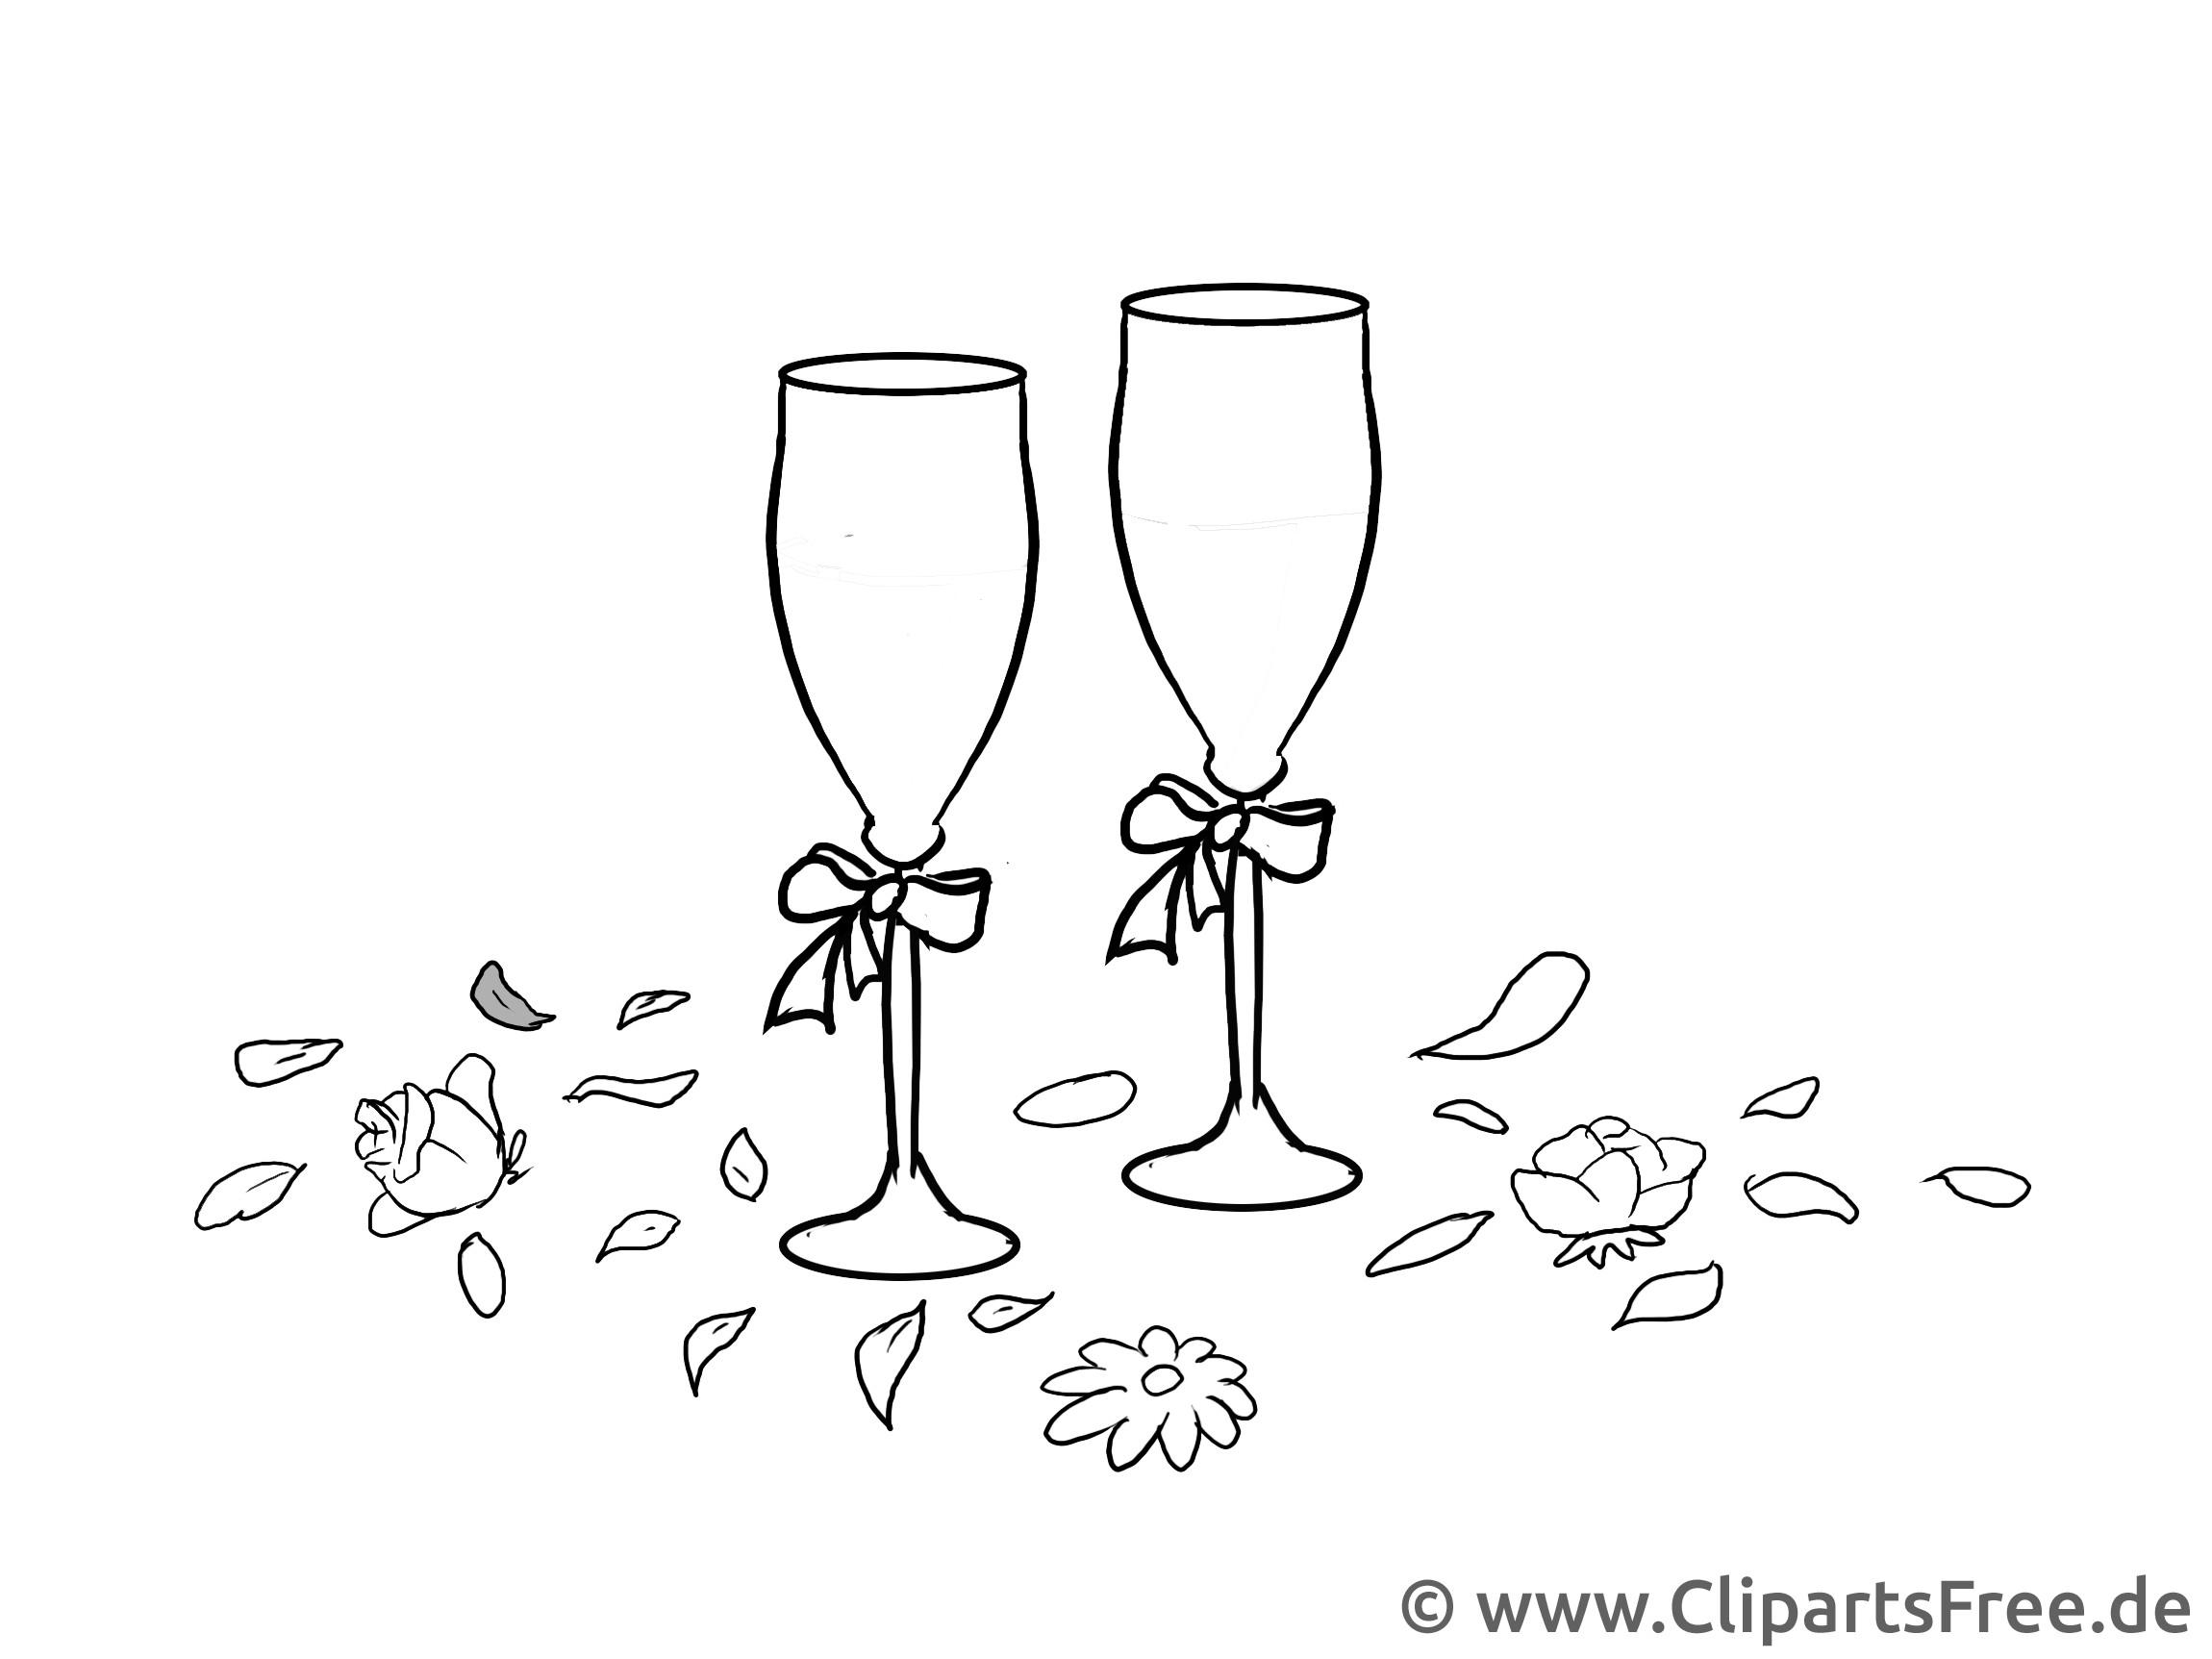 Clipart Hochzeit Schwarz Weiß  Champagnergläser Illustration Clipart Grafik schwarz weiß